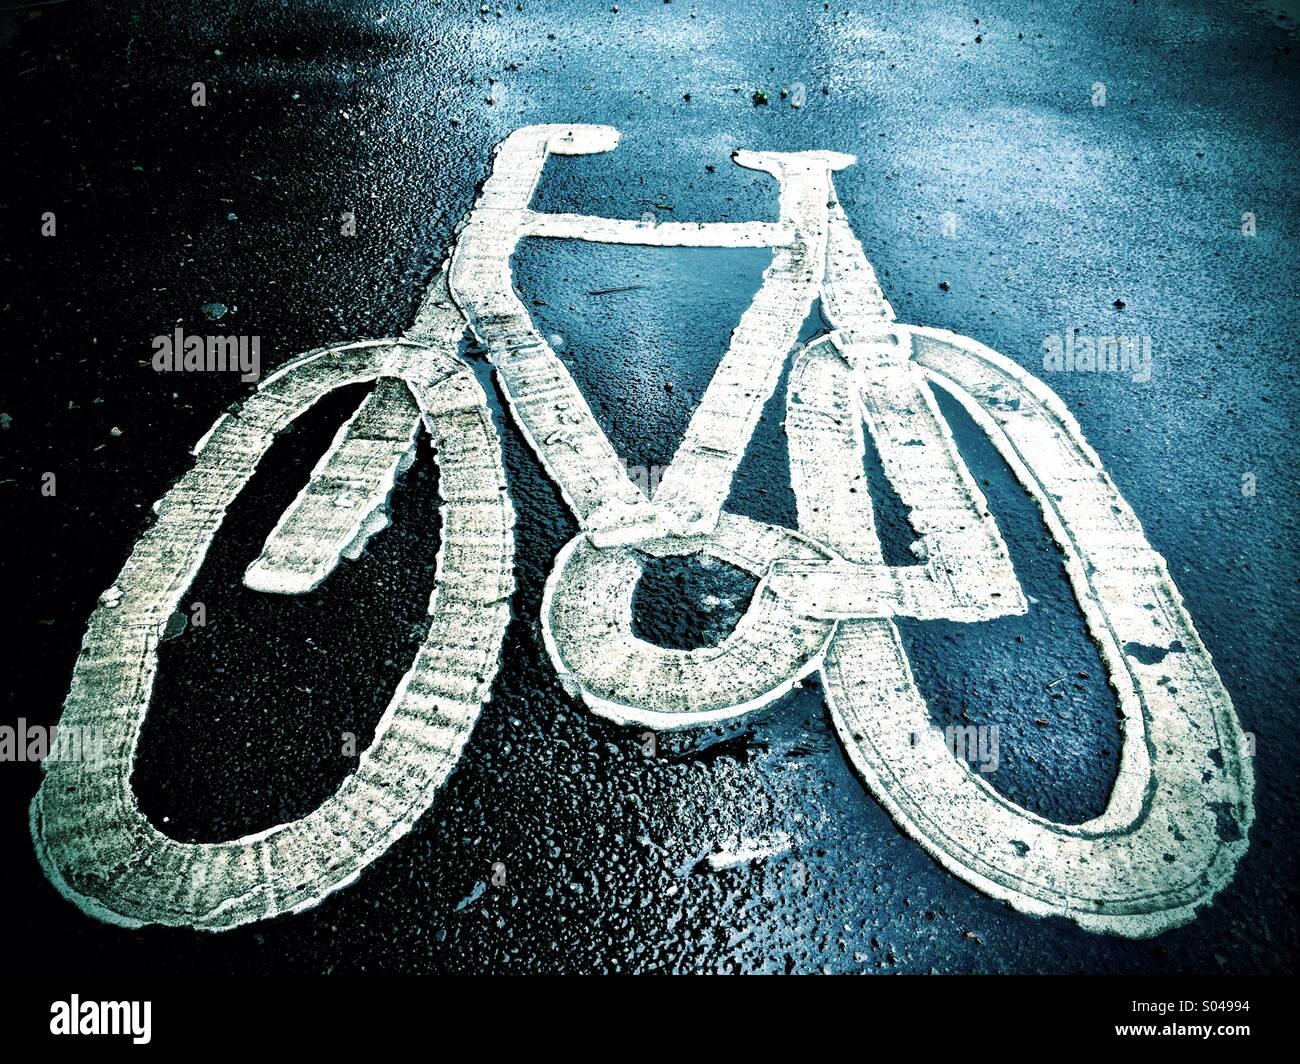 Biciclette dipinte Immagini Stock